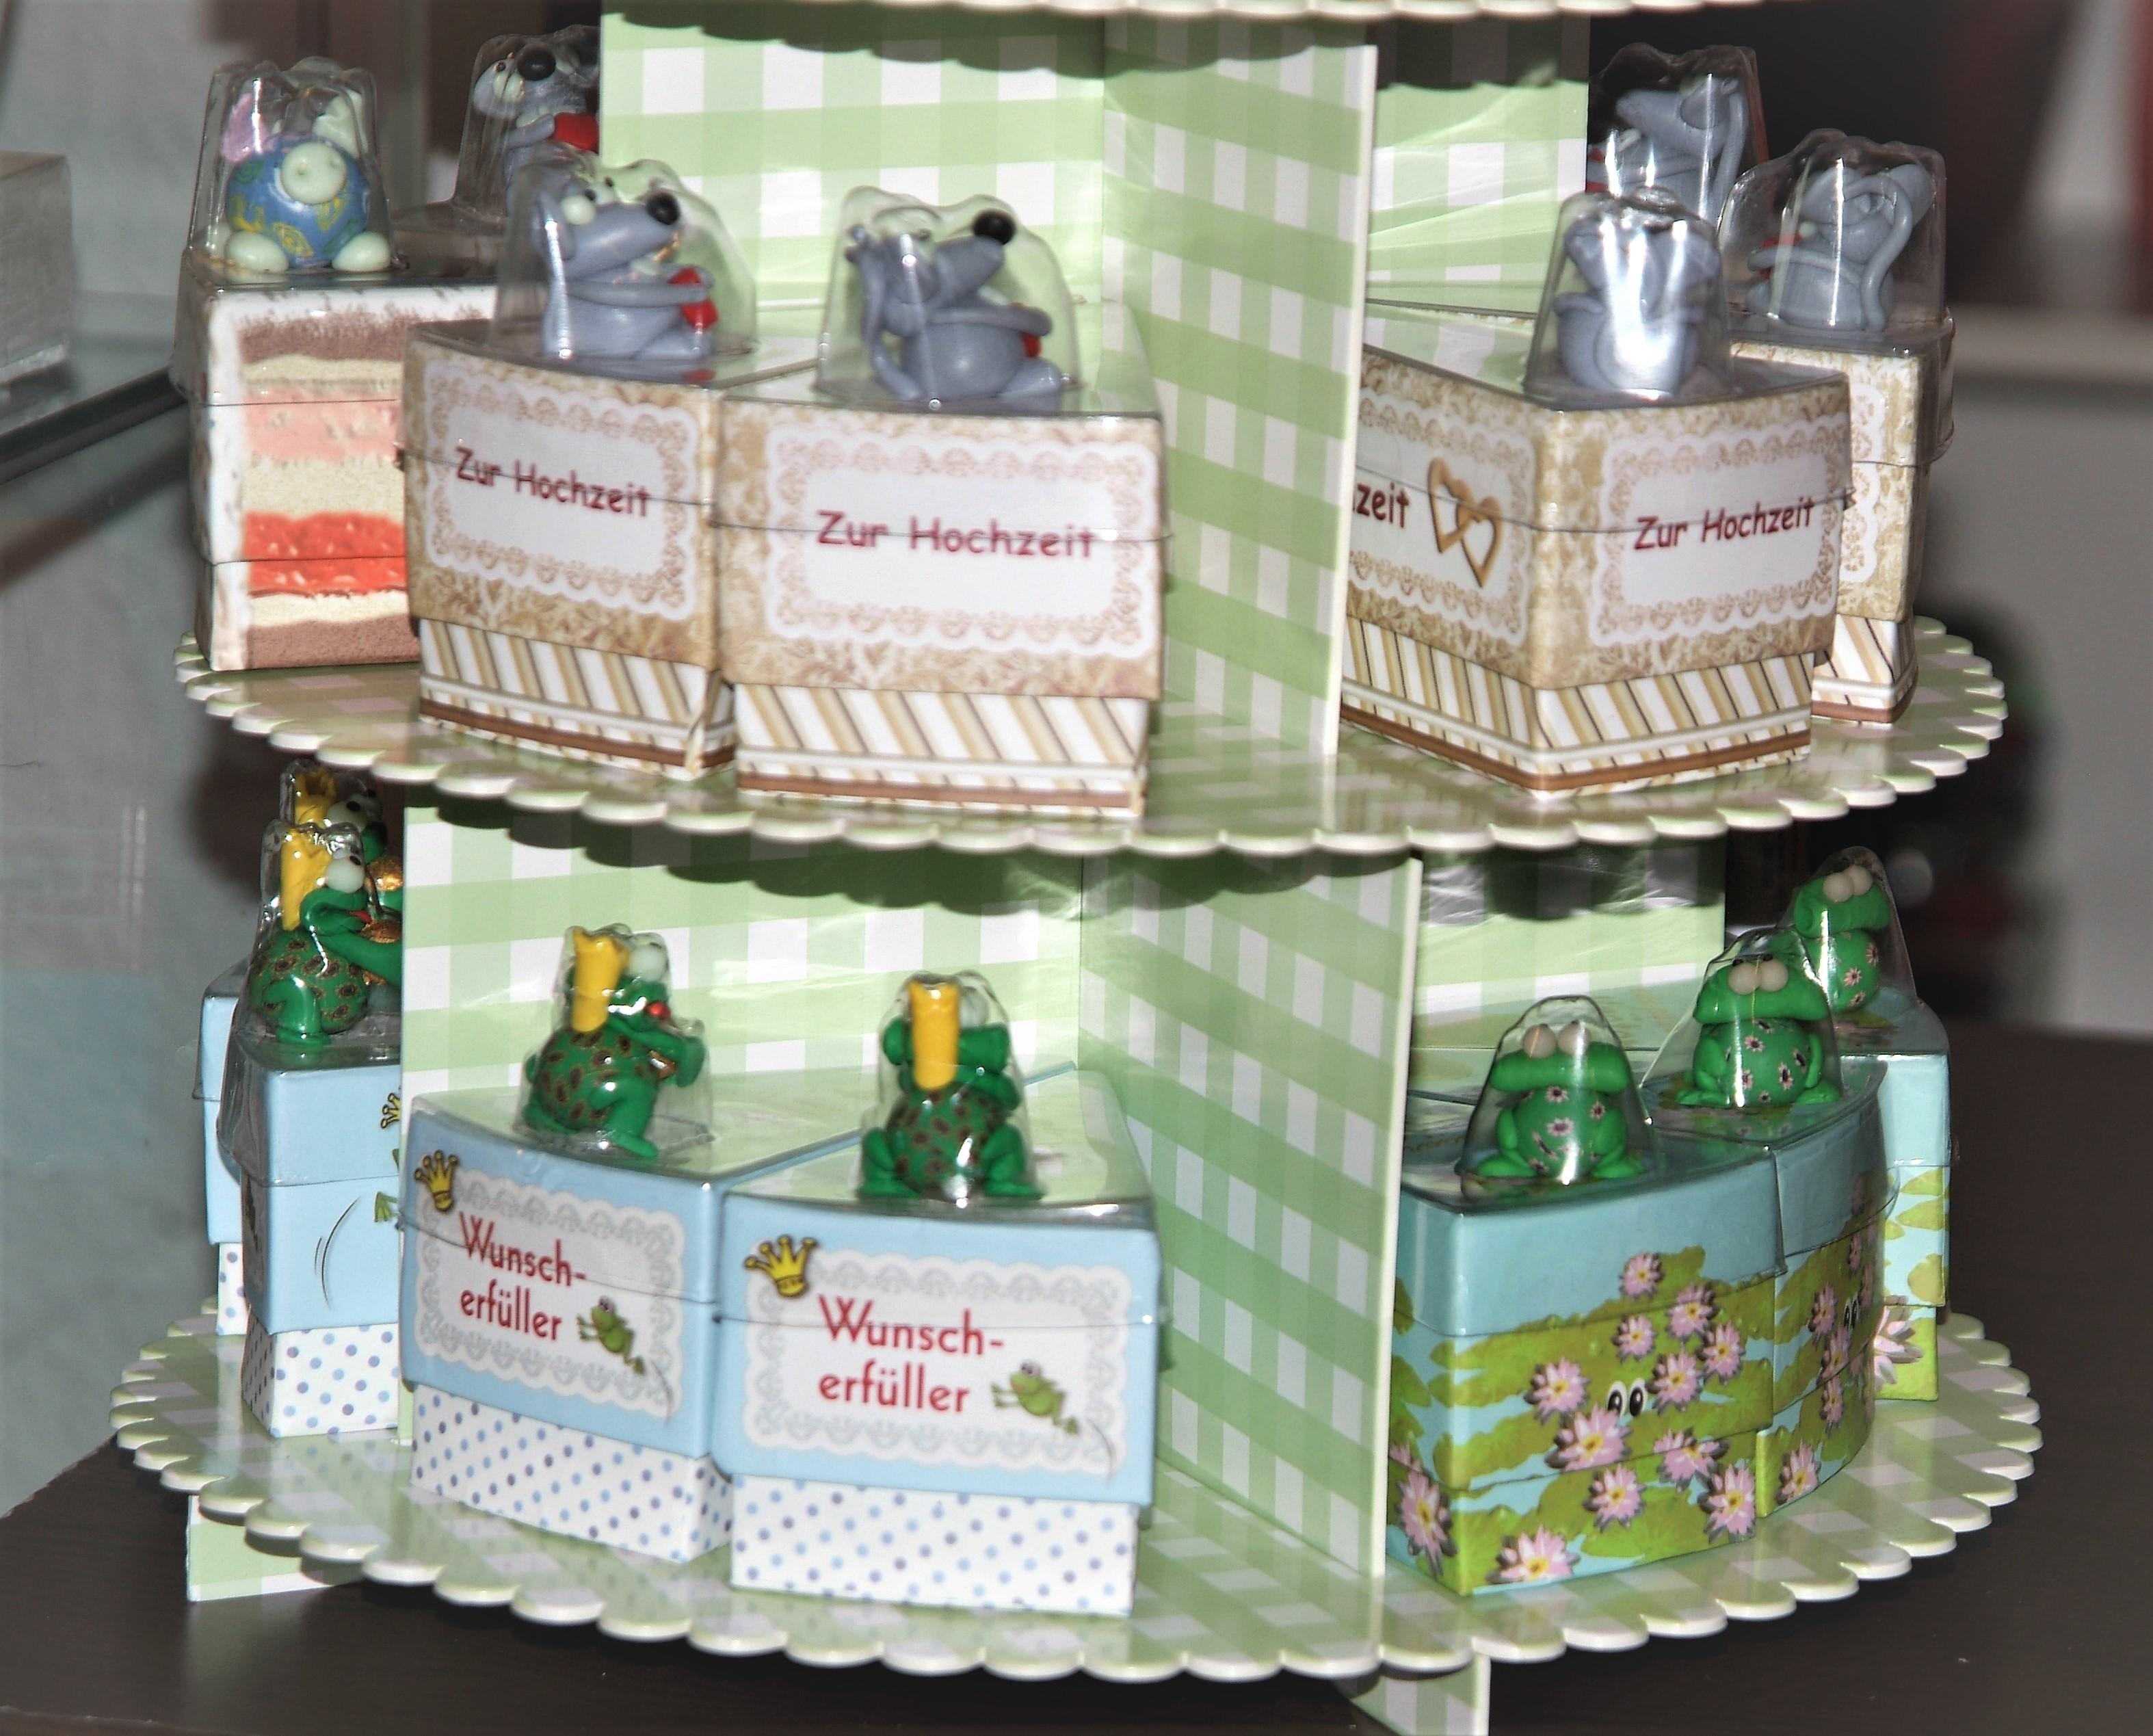 Neuheiten deko geschenke trend und geschenk for Deko geschenke shop